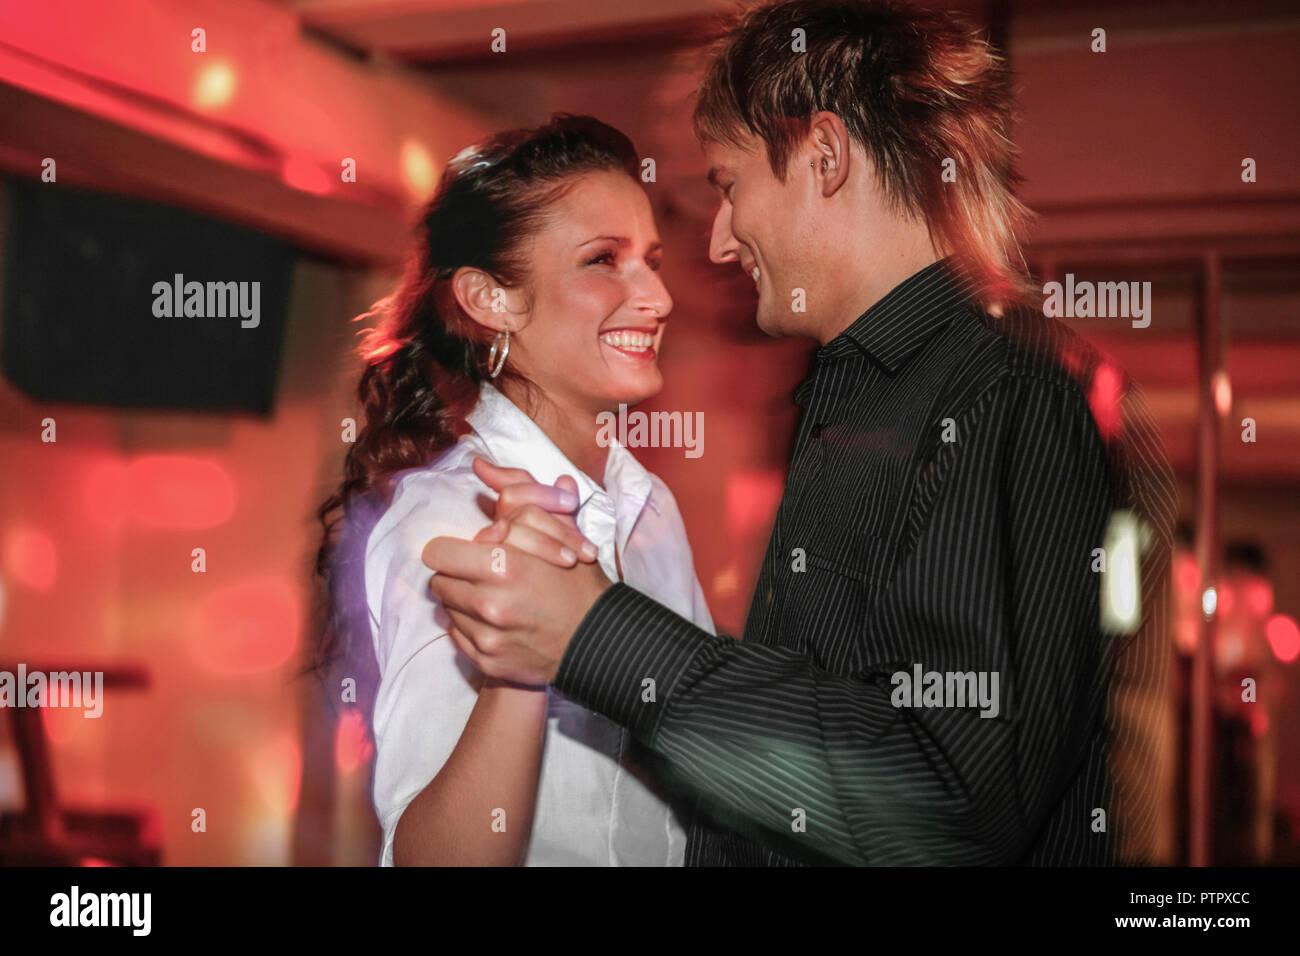 junges verliebtes Paar beim Tanzen in einer Disco (Modellfreigabe) - Stock Image